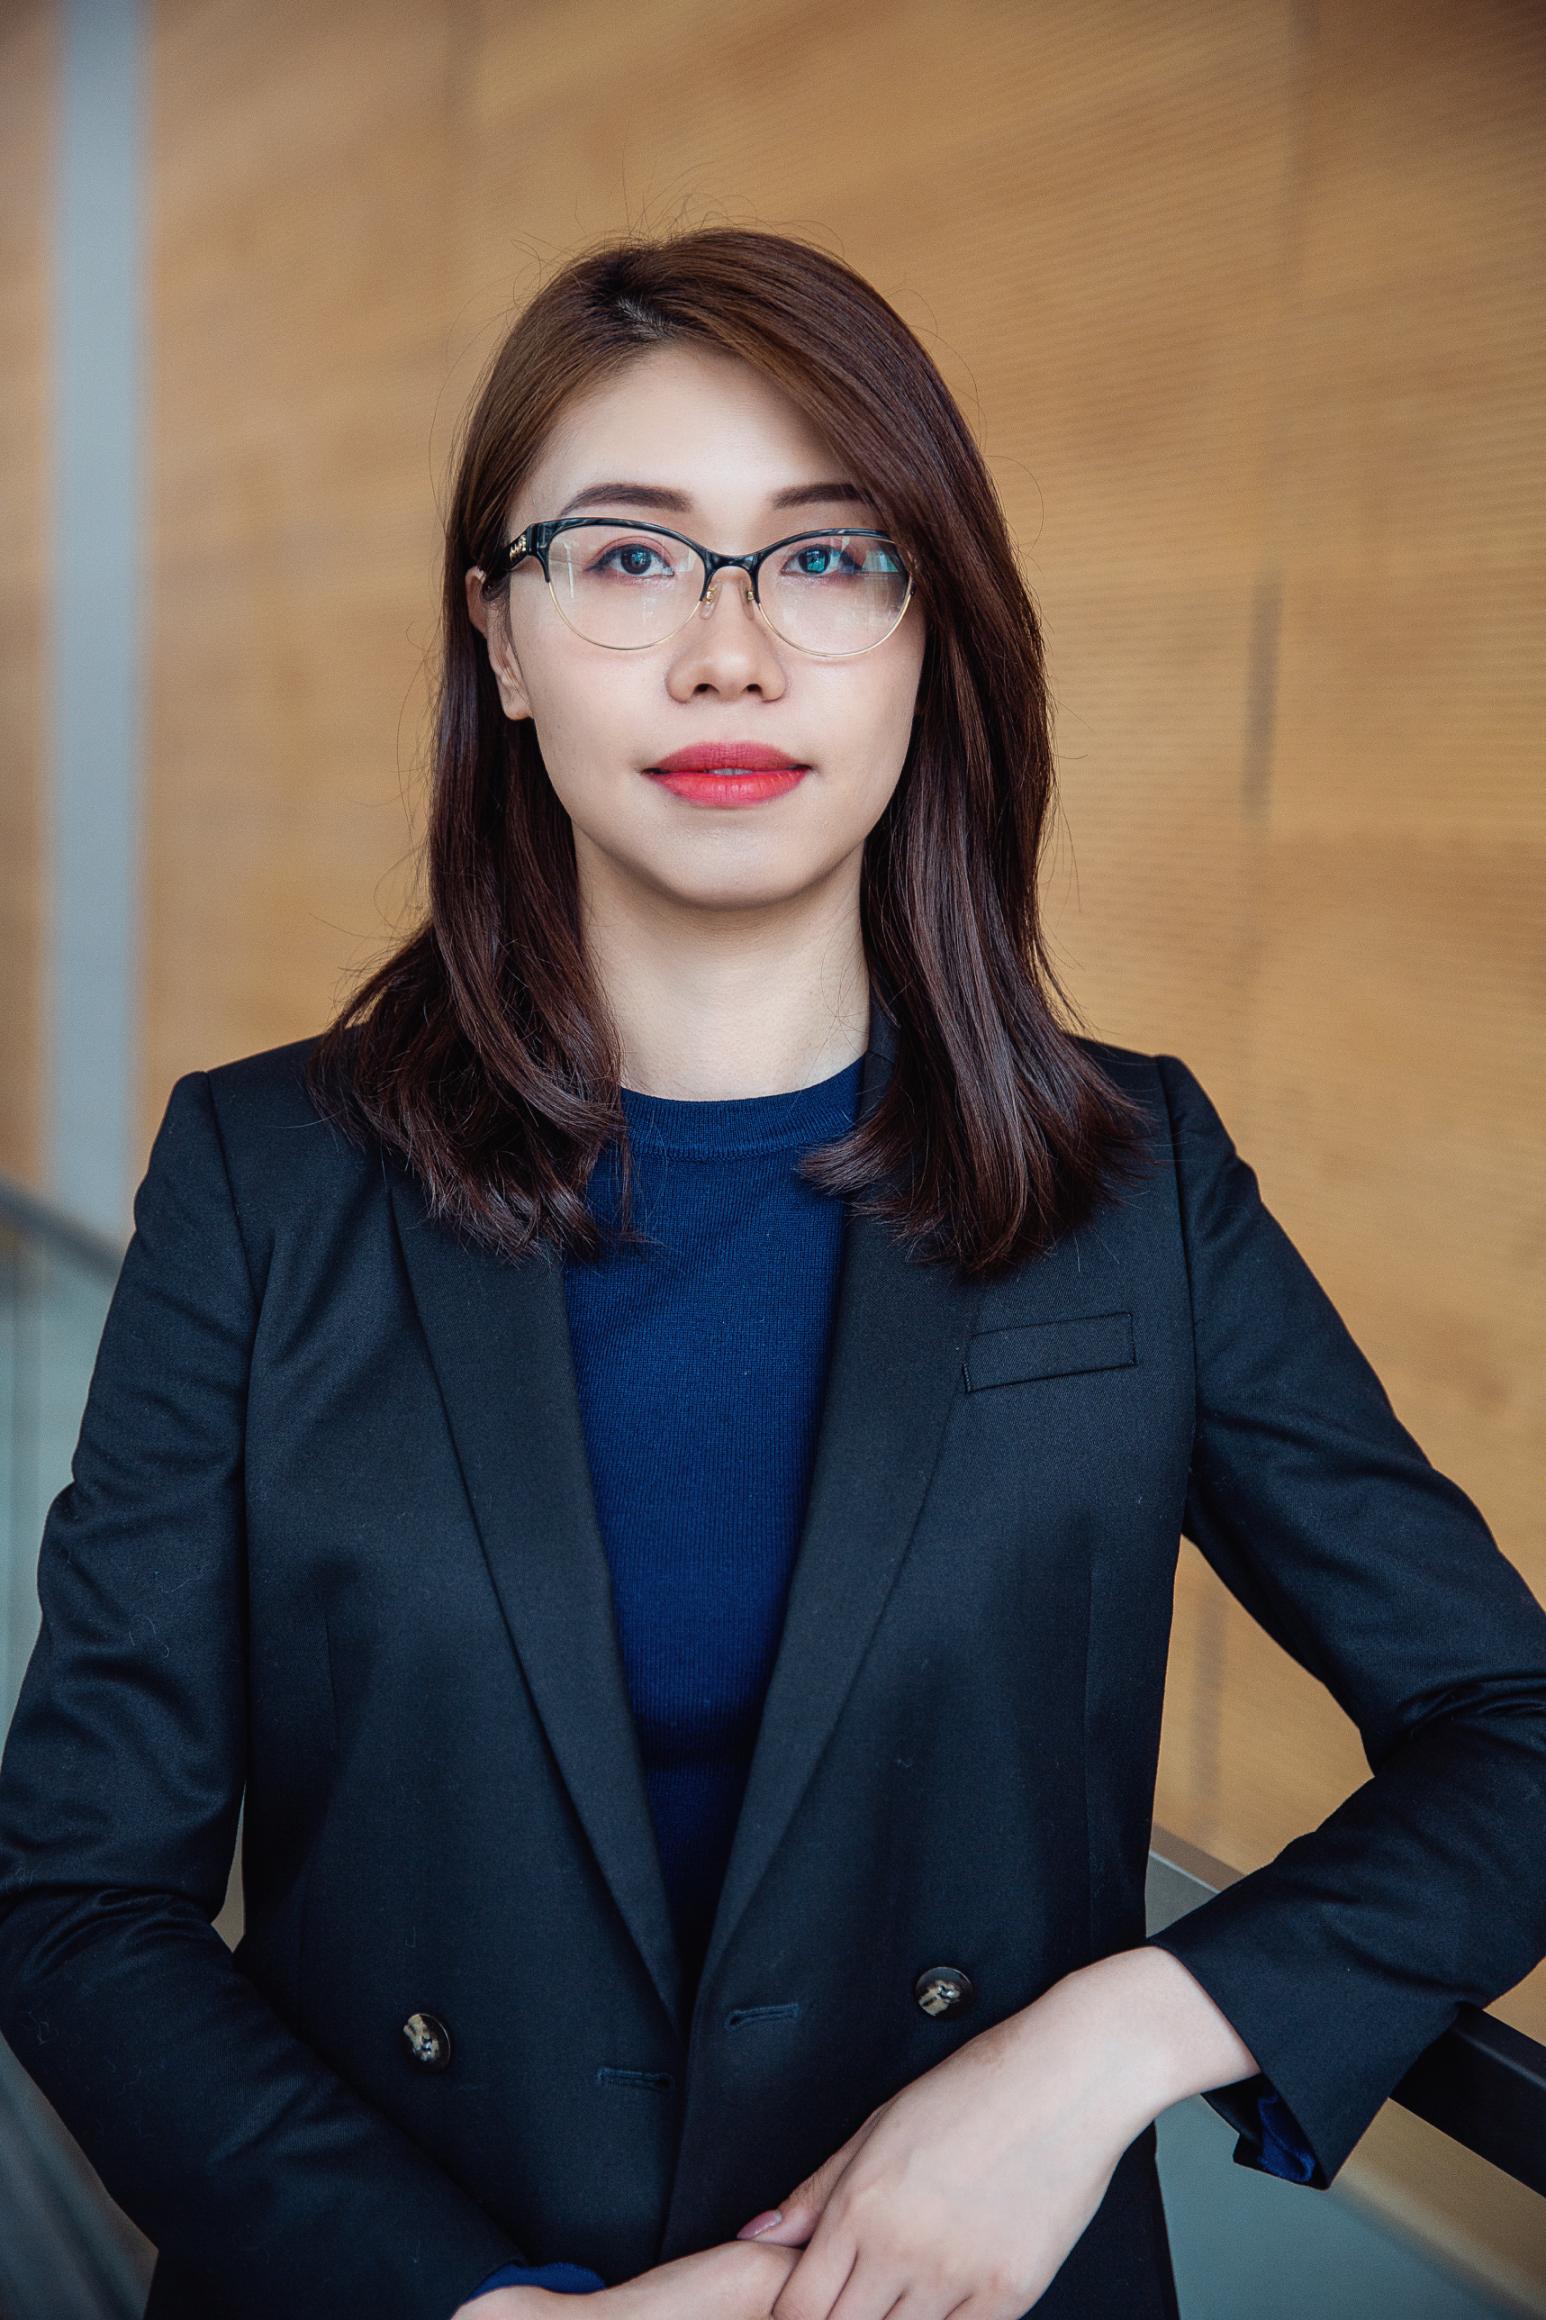 - 陈晓时律师是JDC律所的创始人之一。陈律师本科毕业于女皇大学心理学专业。在此之后,她在奥斯古德法学院攻读了法律博士学位,并成为了一名安大略省执照律师。毕业后,陈律师就职于多伦多市中心顶尖商业地产律所。陈律师经手过大量房地产和商业交易。她坚信,对律法精准的理解和与客户之间良好的沟通是提供优质服务的关键。